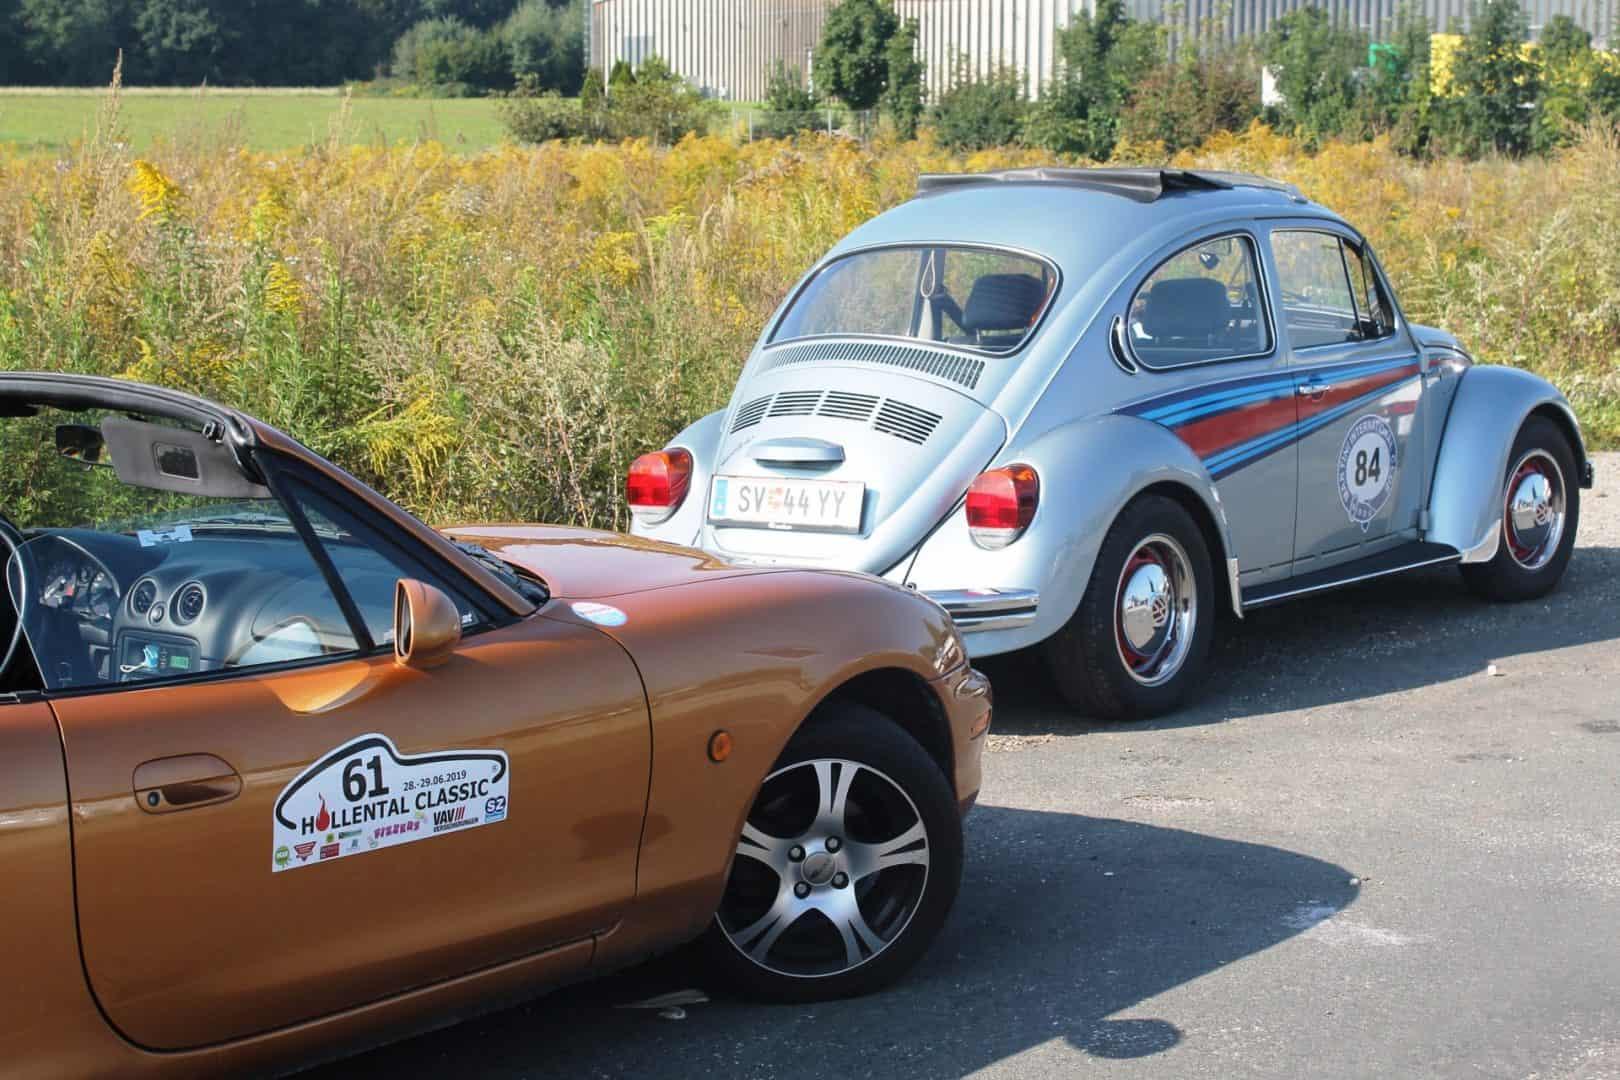 Ausflug des CAR Teams Ferlach am 12. September 2020 mit Gleichmäßigkeitsprüfung anstelle des abgesagten sms-Classic-Sprints - Sonnleitner, Mazda MX5; Leutgeb, VW-Käfer